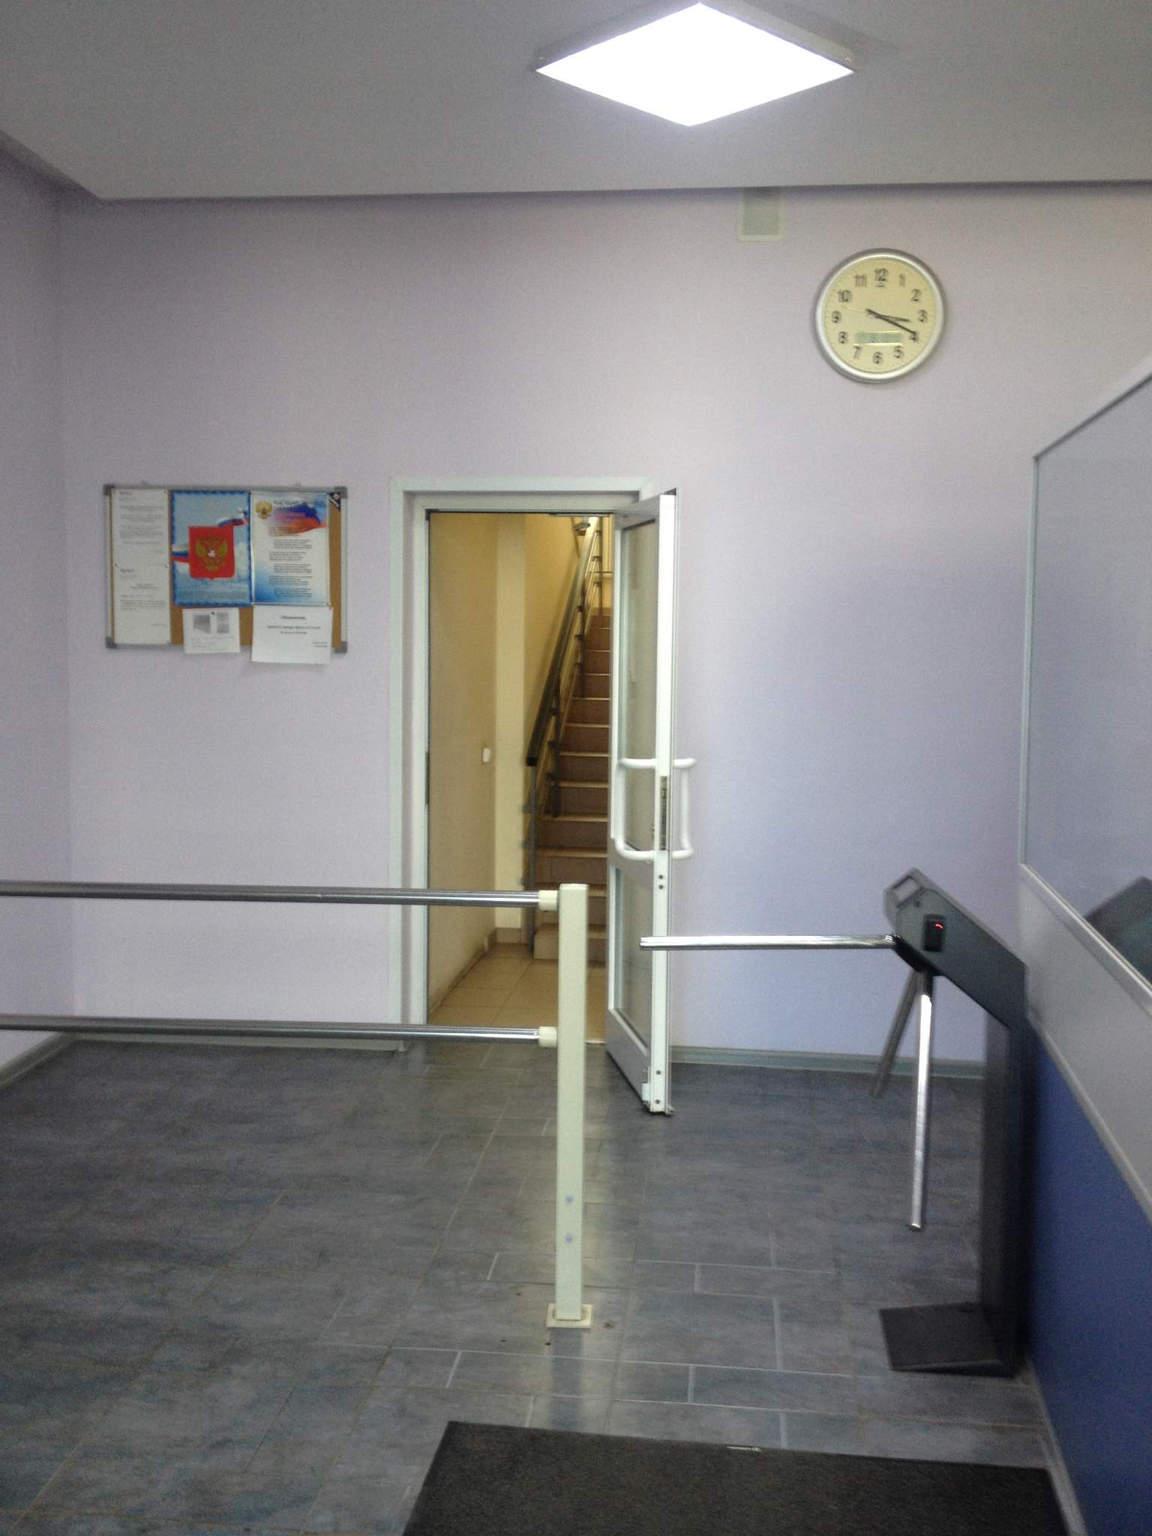 Офисные Помещения в аренду по адресу Россия, Новосибирская обл, Новосибирск, Красный проспект, 220к53